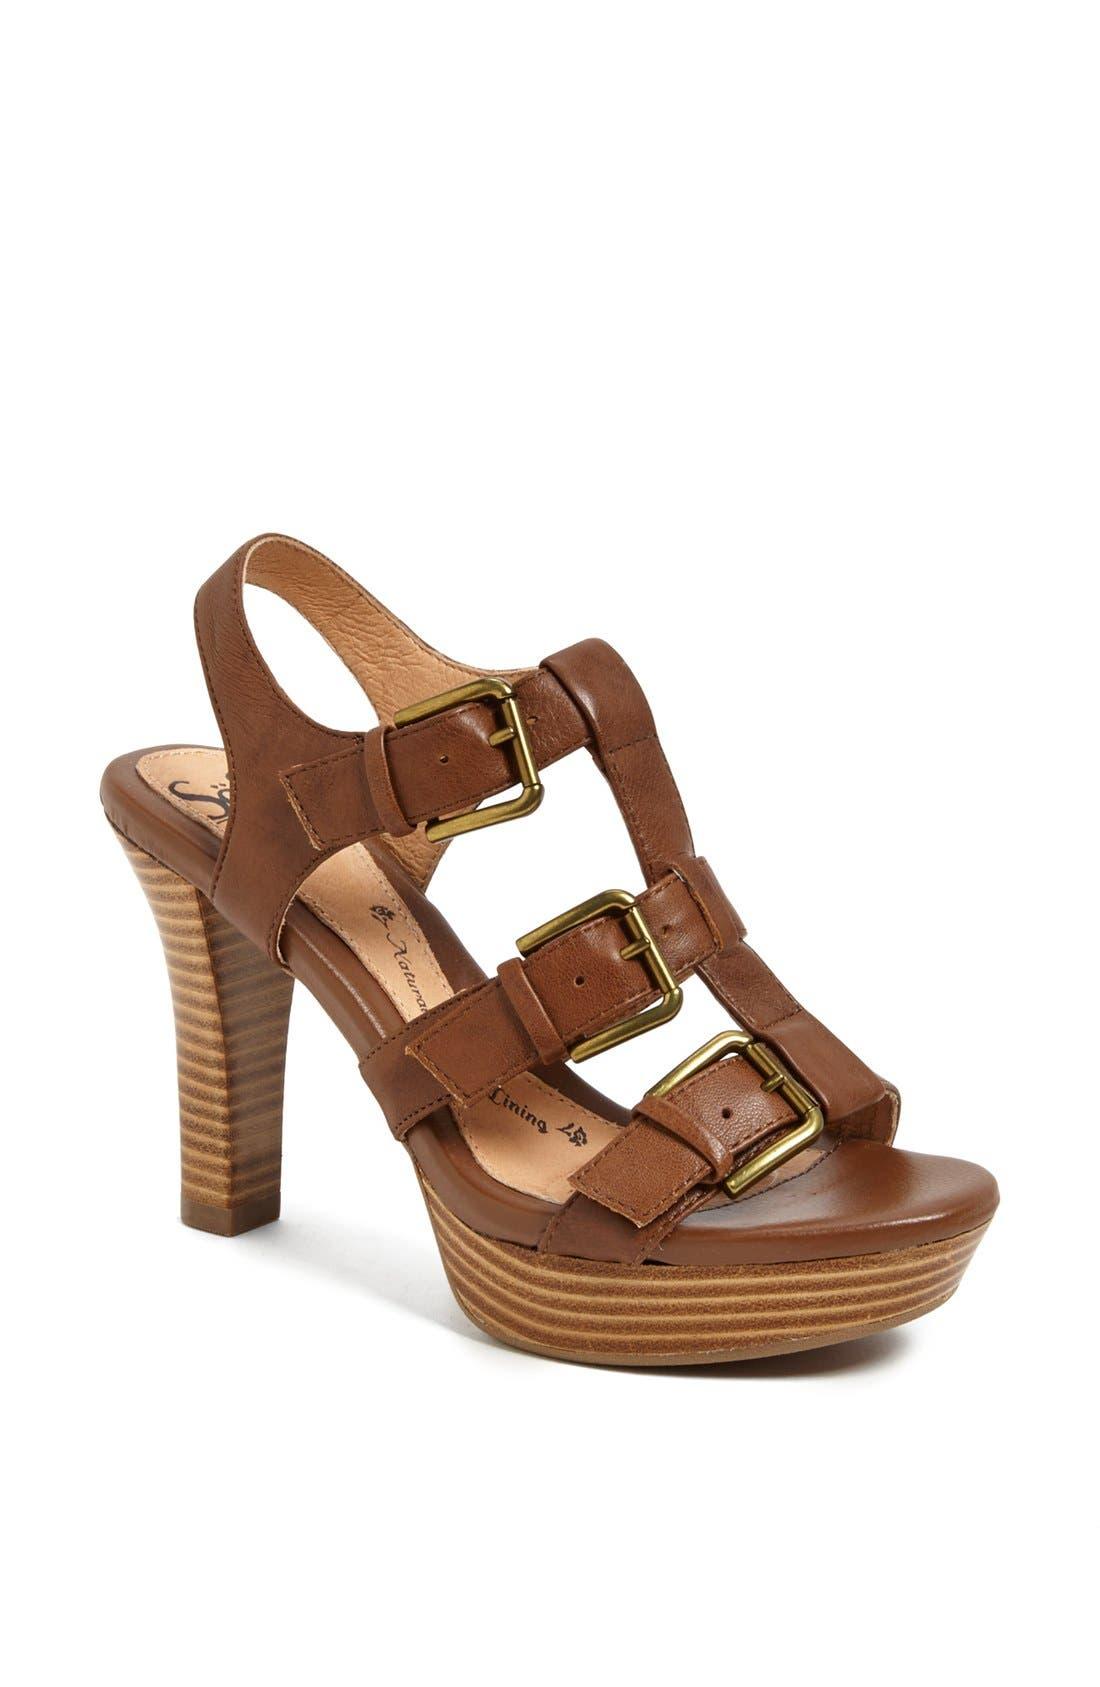 Main Image - Söfft 'Savannah' Sandal